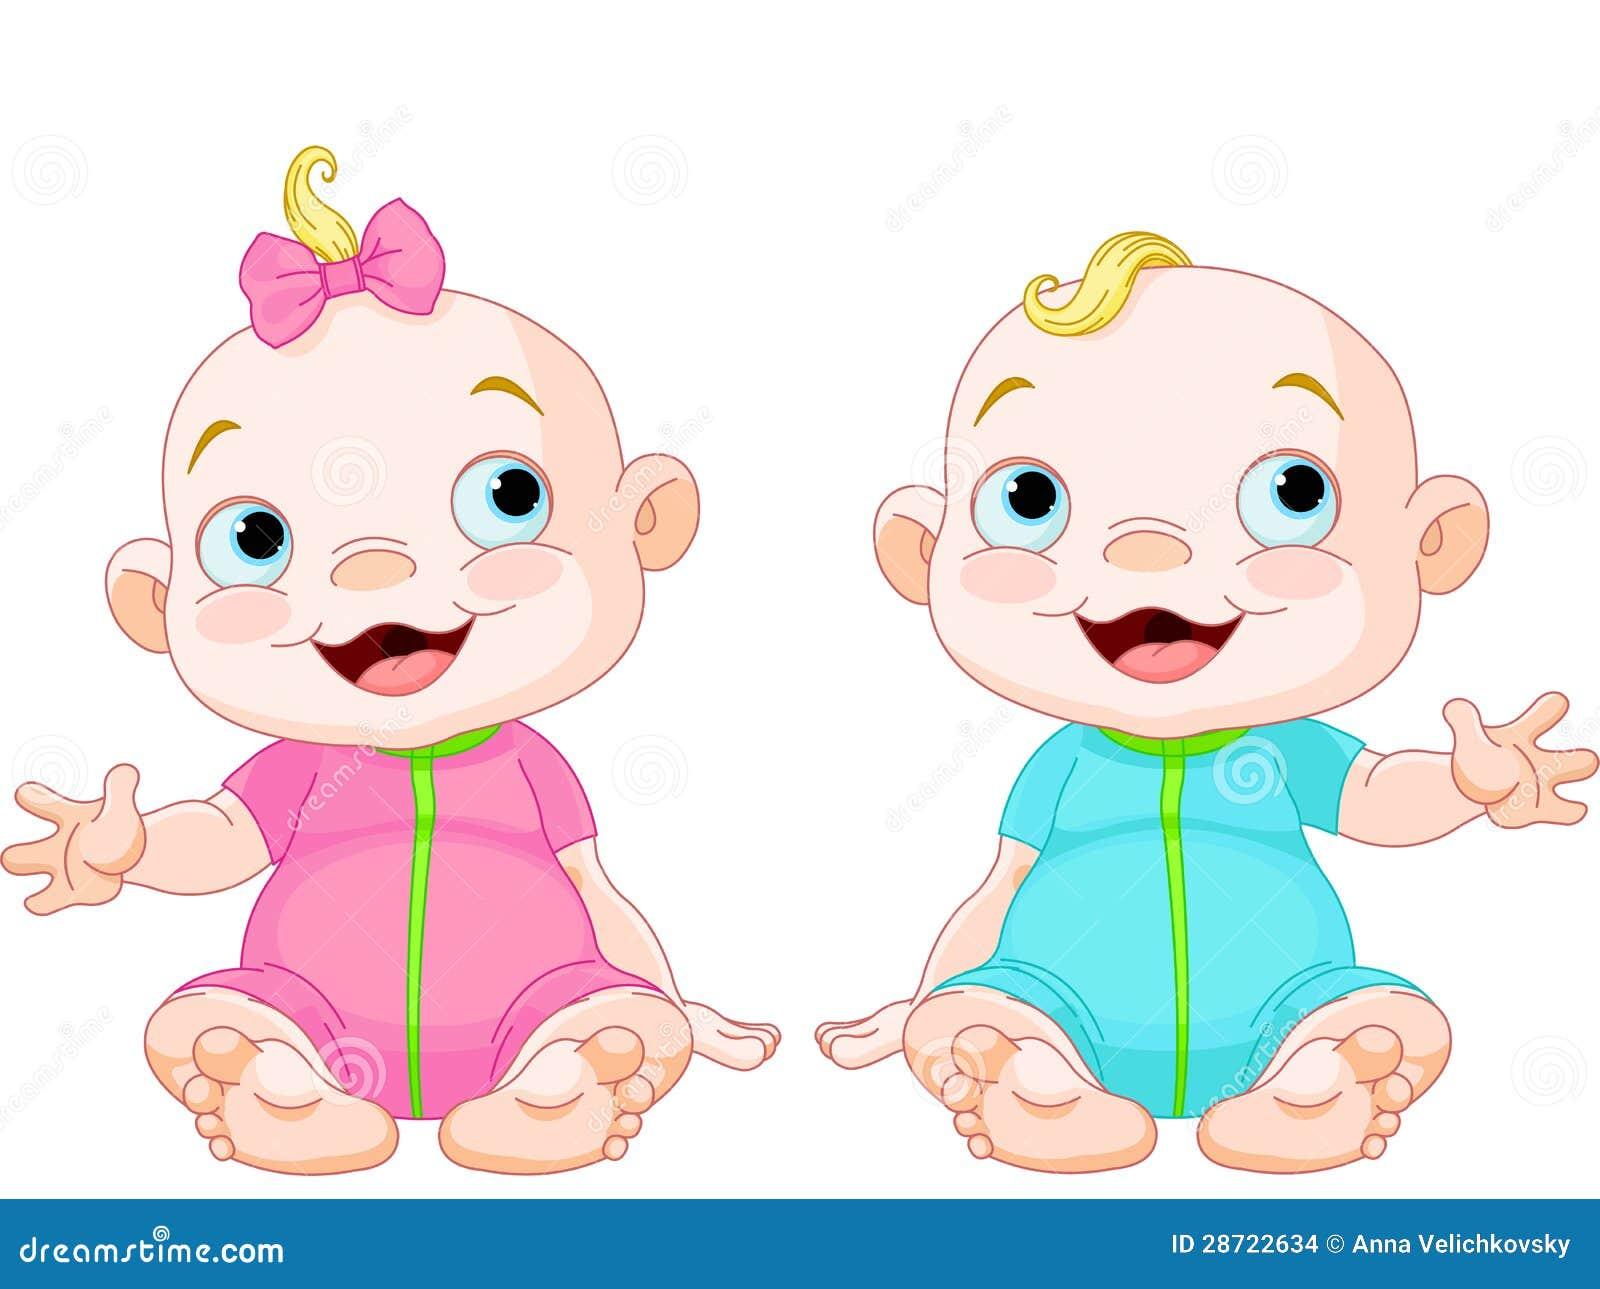 Meninos E Meninas De Nacionalidades Diferentes Childre: Милые ся близнецы иллюстрация